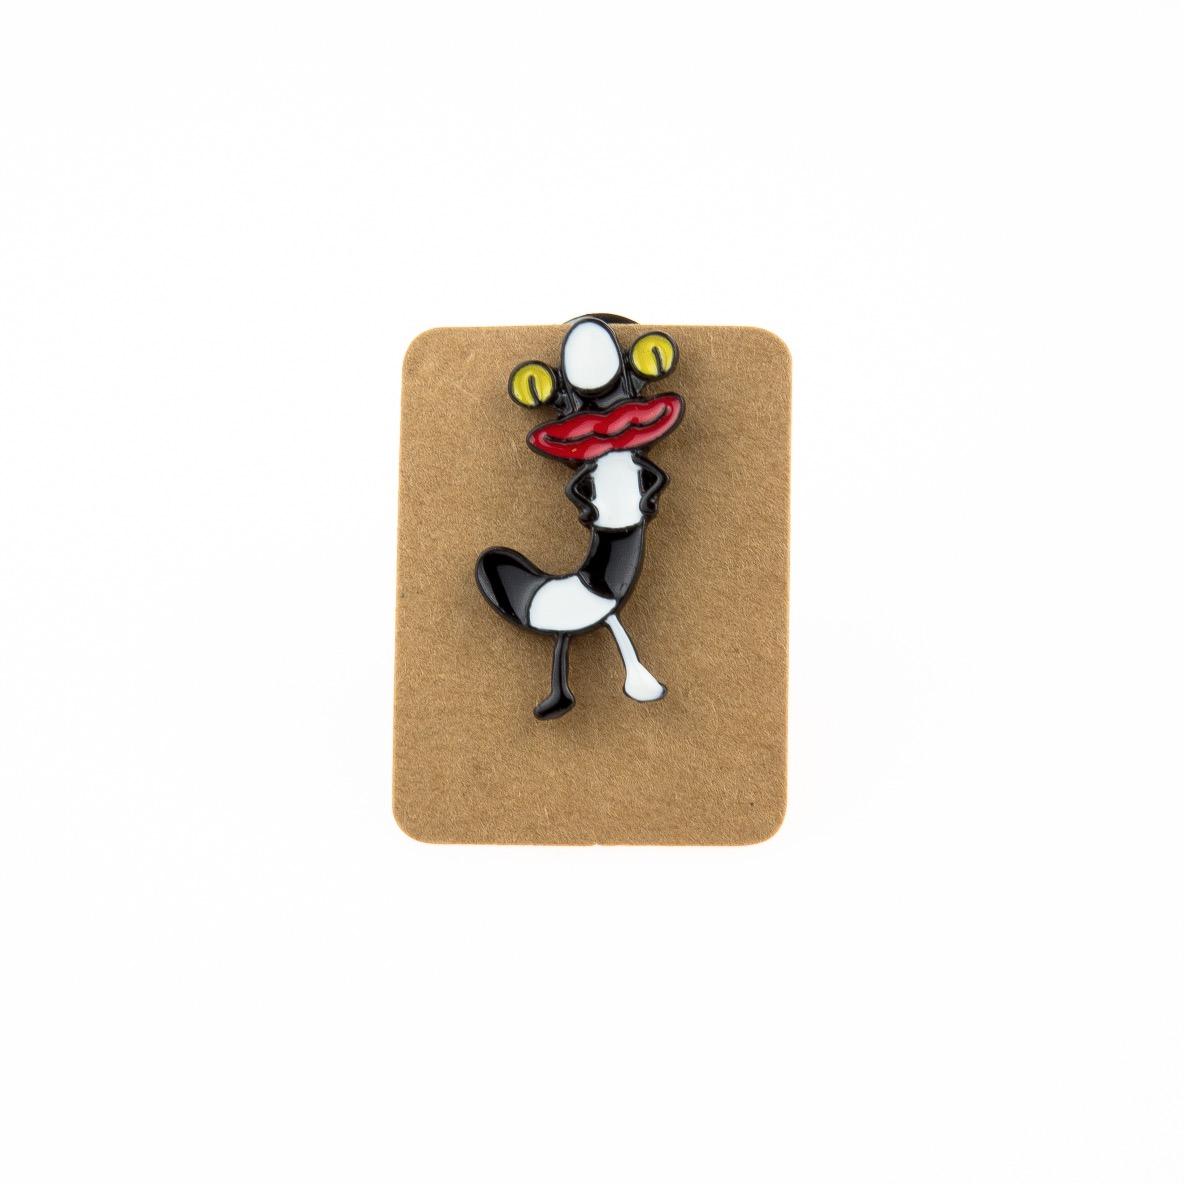 Metal Black&White Worm Enamel Pin Badge